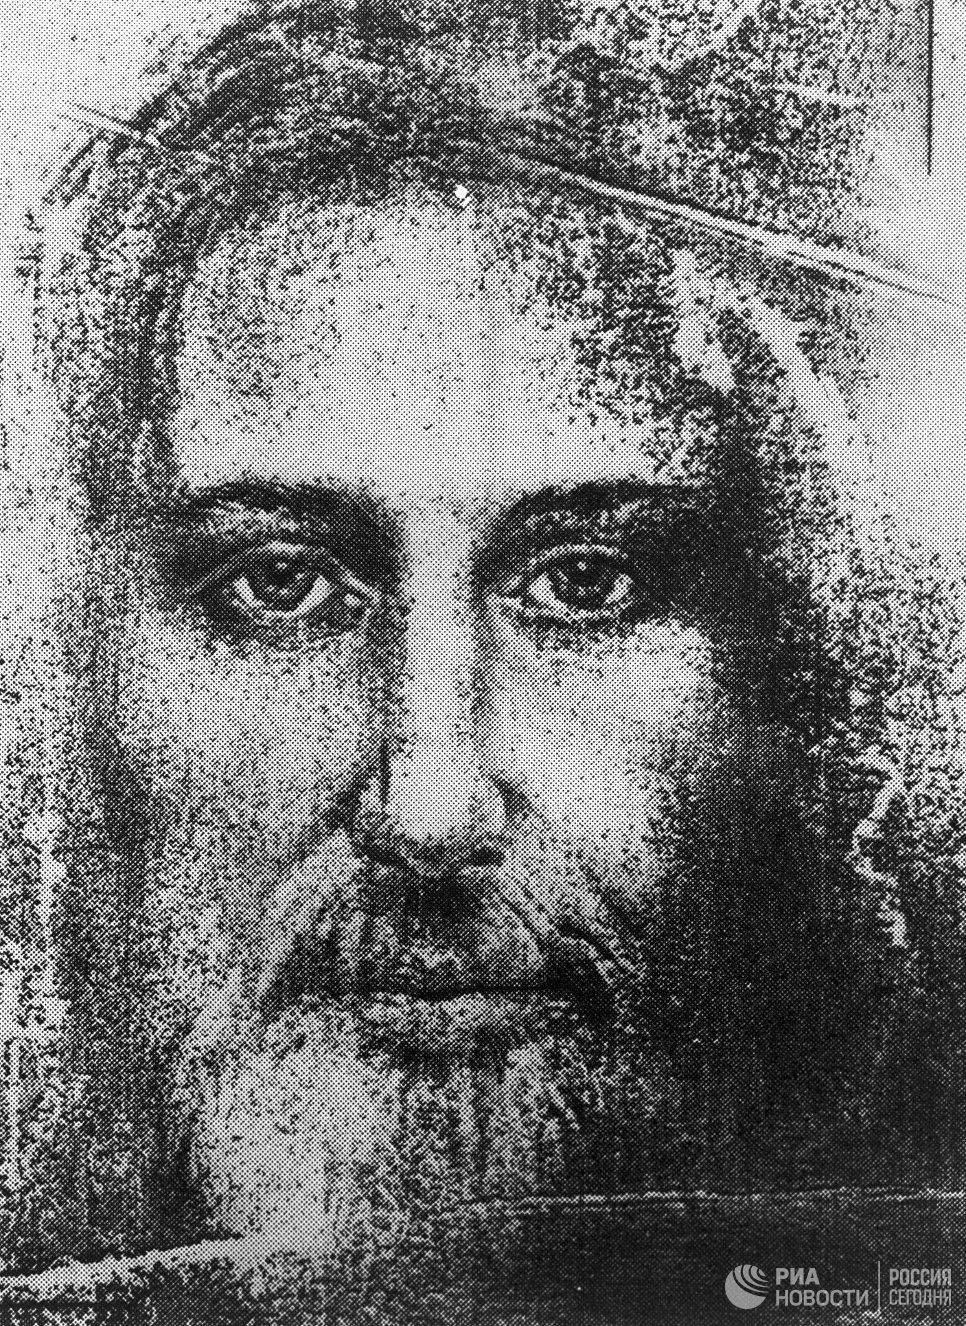 Облик Иисуса Христа. Снимок Туринской Плащаницы. Репродукция